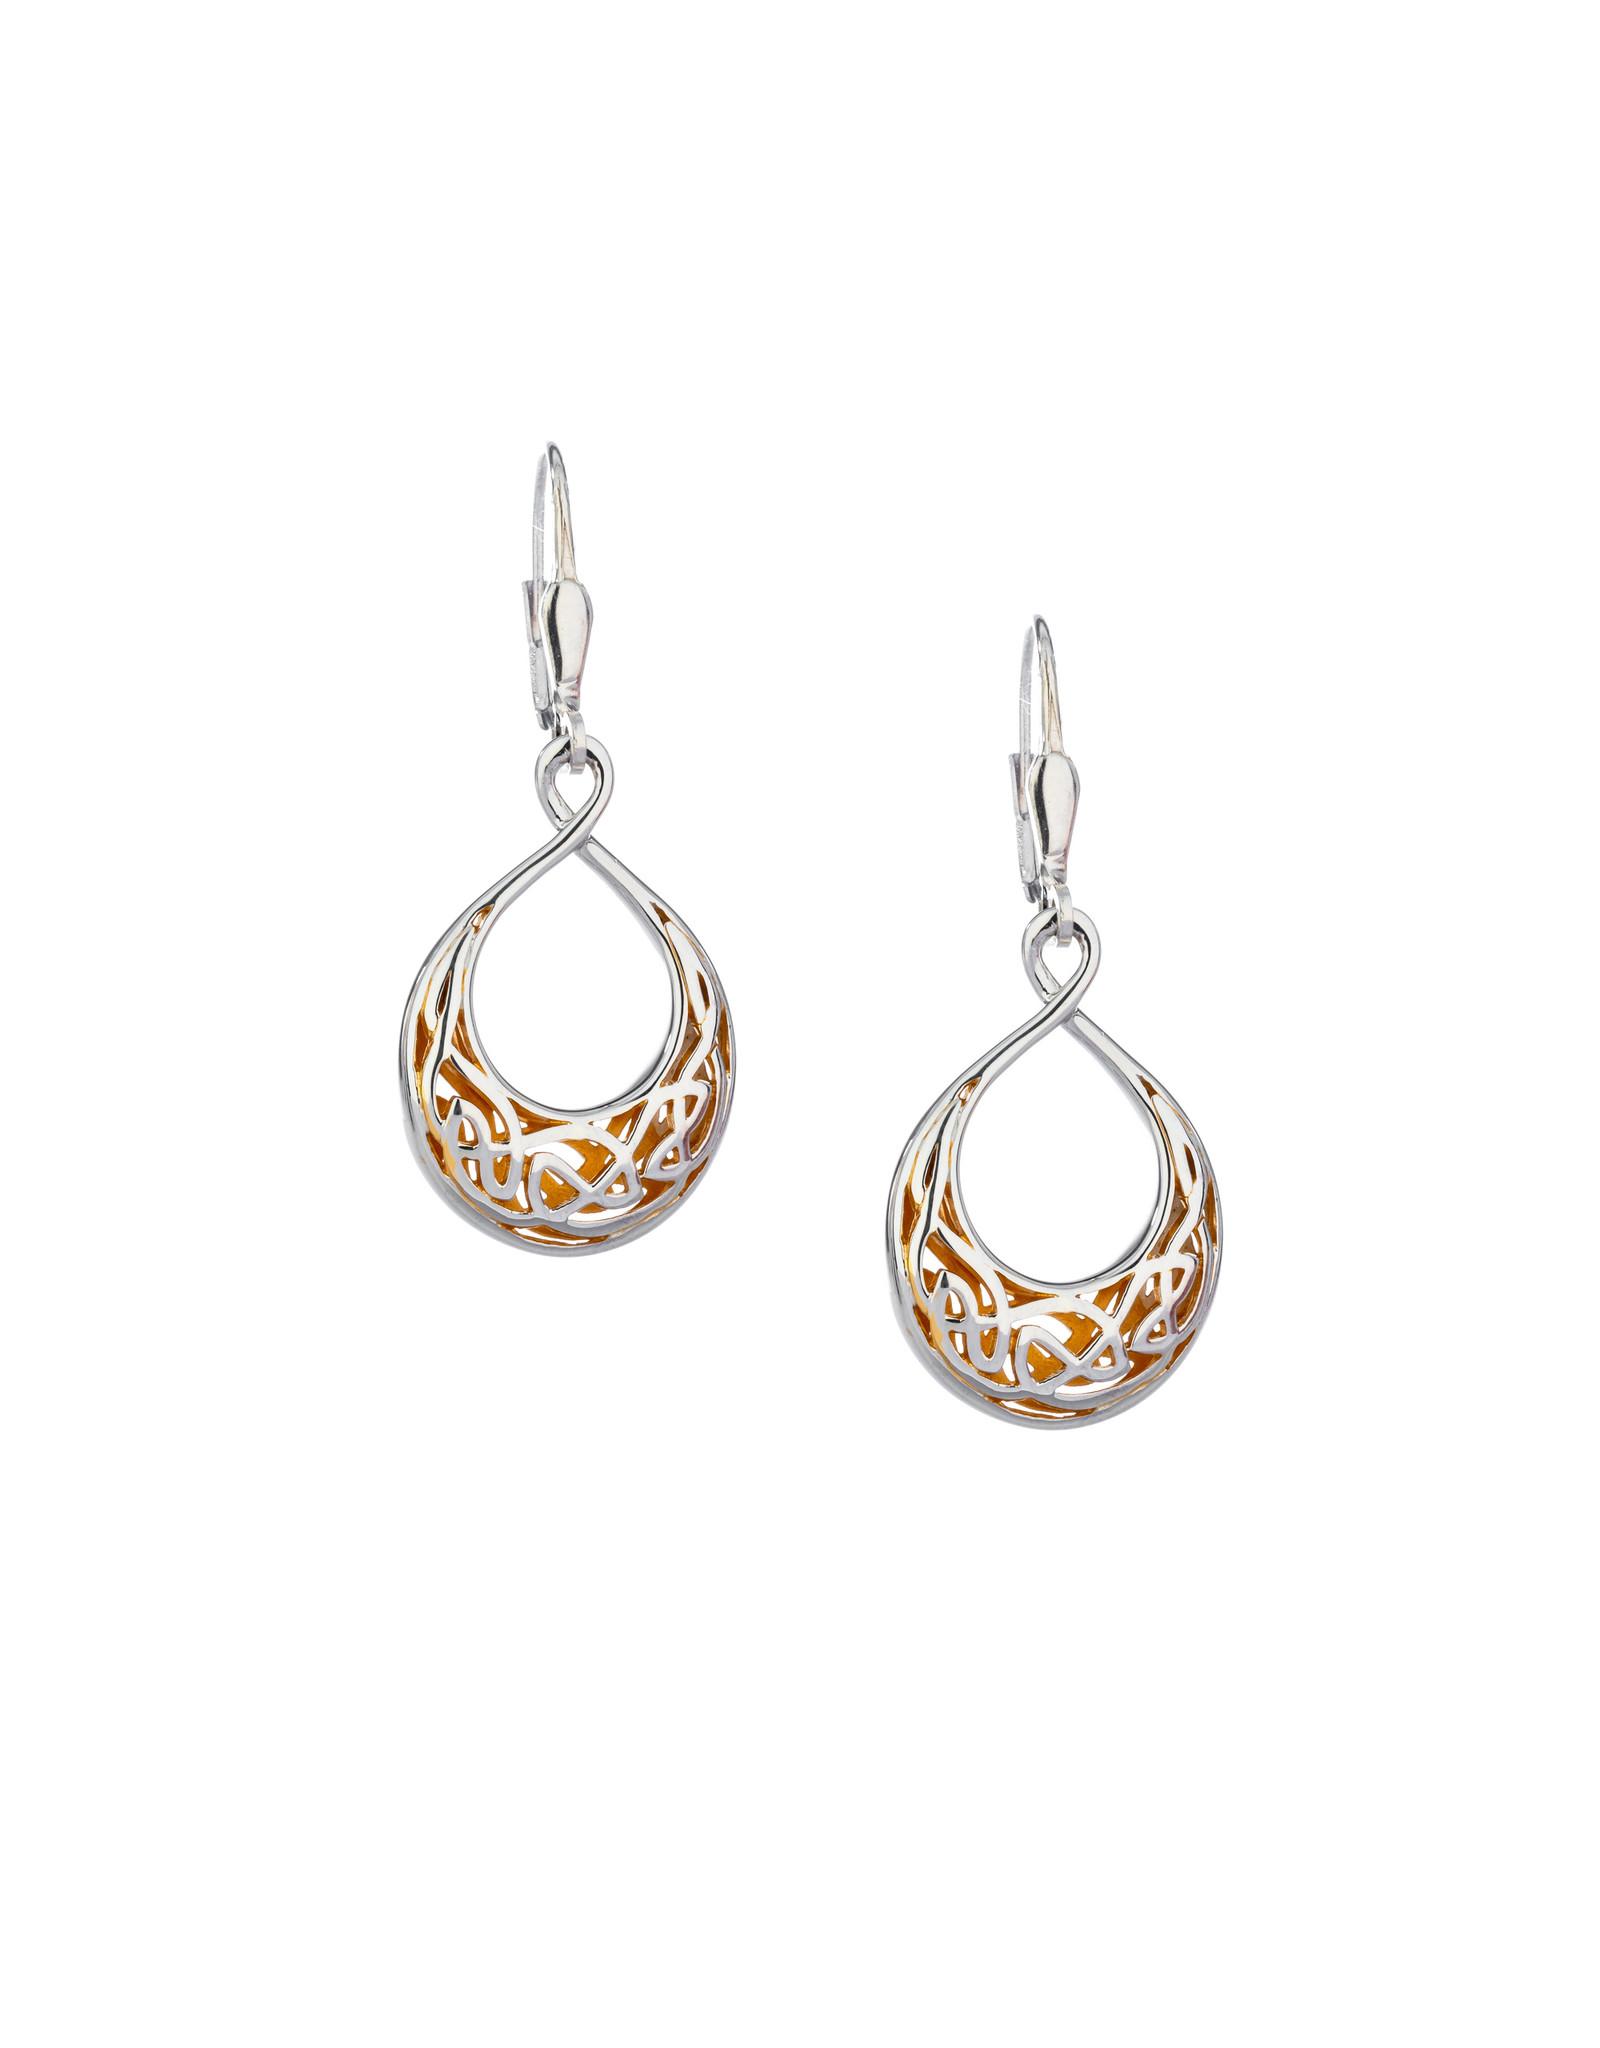 Keith Jack S/S + 22k Window Teardrop Earrings